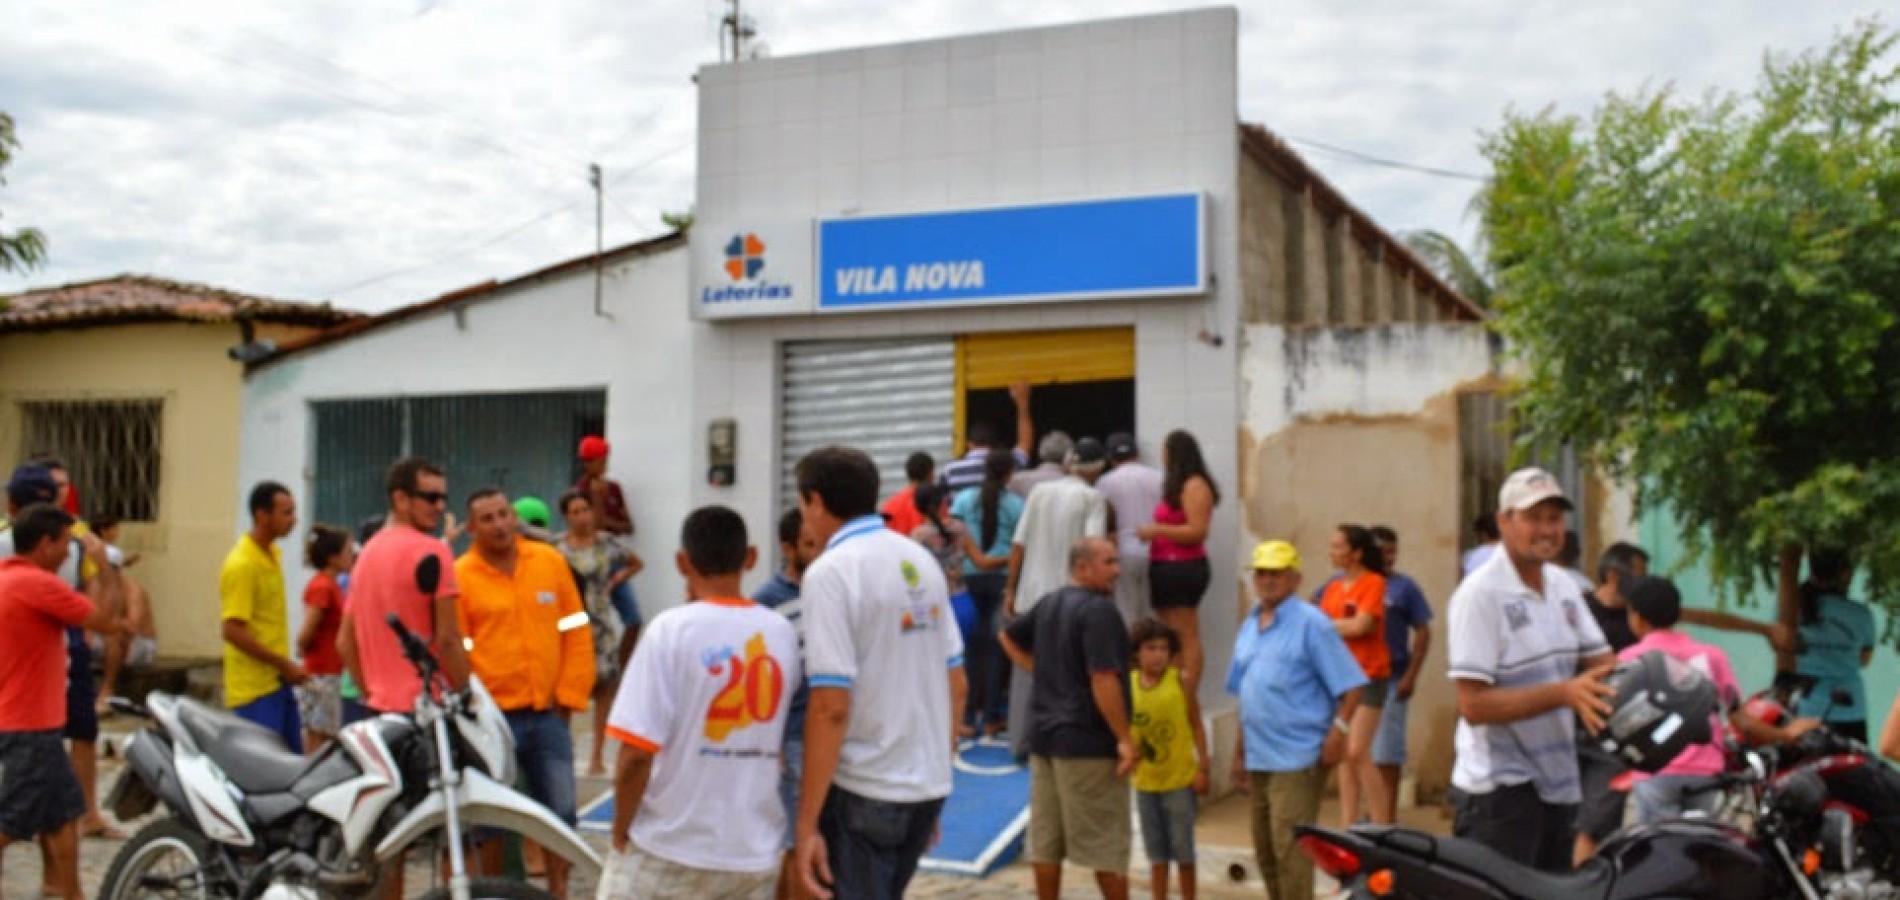 VILA NOVA   Bandidos fortemente armados causam terror, assaltam comércio e atacam Casa Lotérica; veja fotos